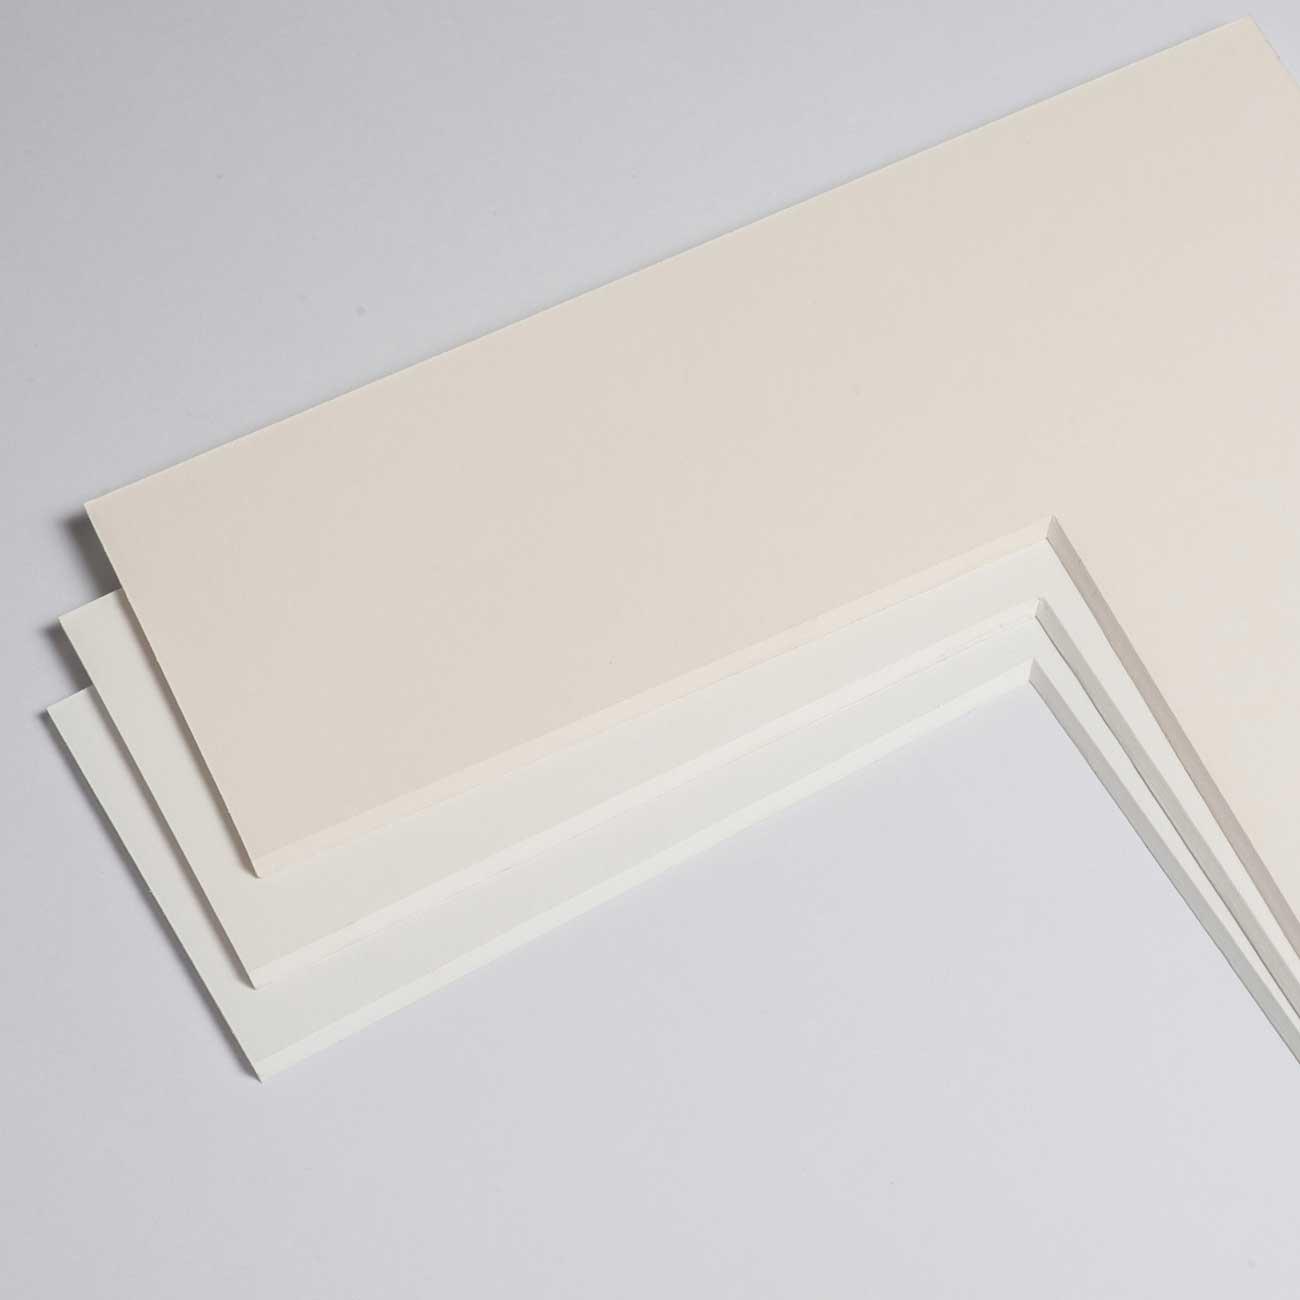 2,3 mm bawełniane passe-partout z wycięciem na wymiar